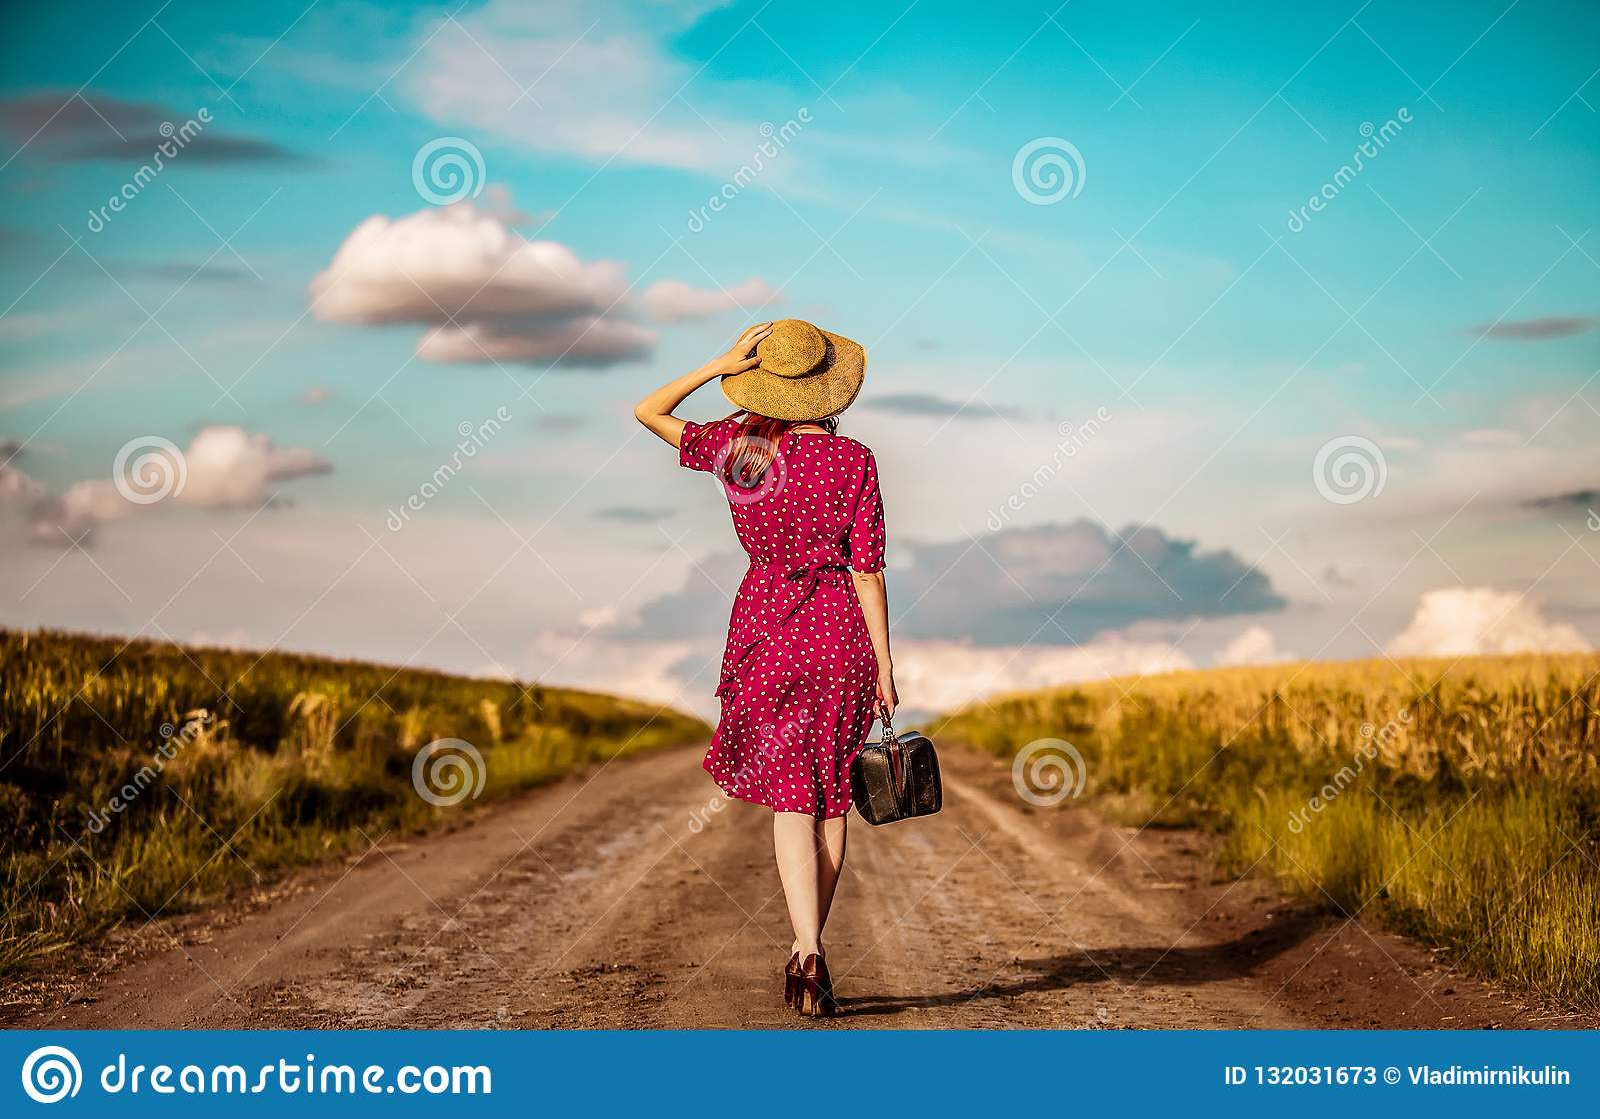 Muchacha con la maleta que despierta en el camino rural